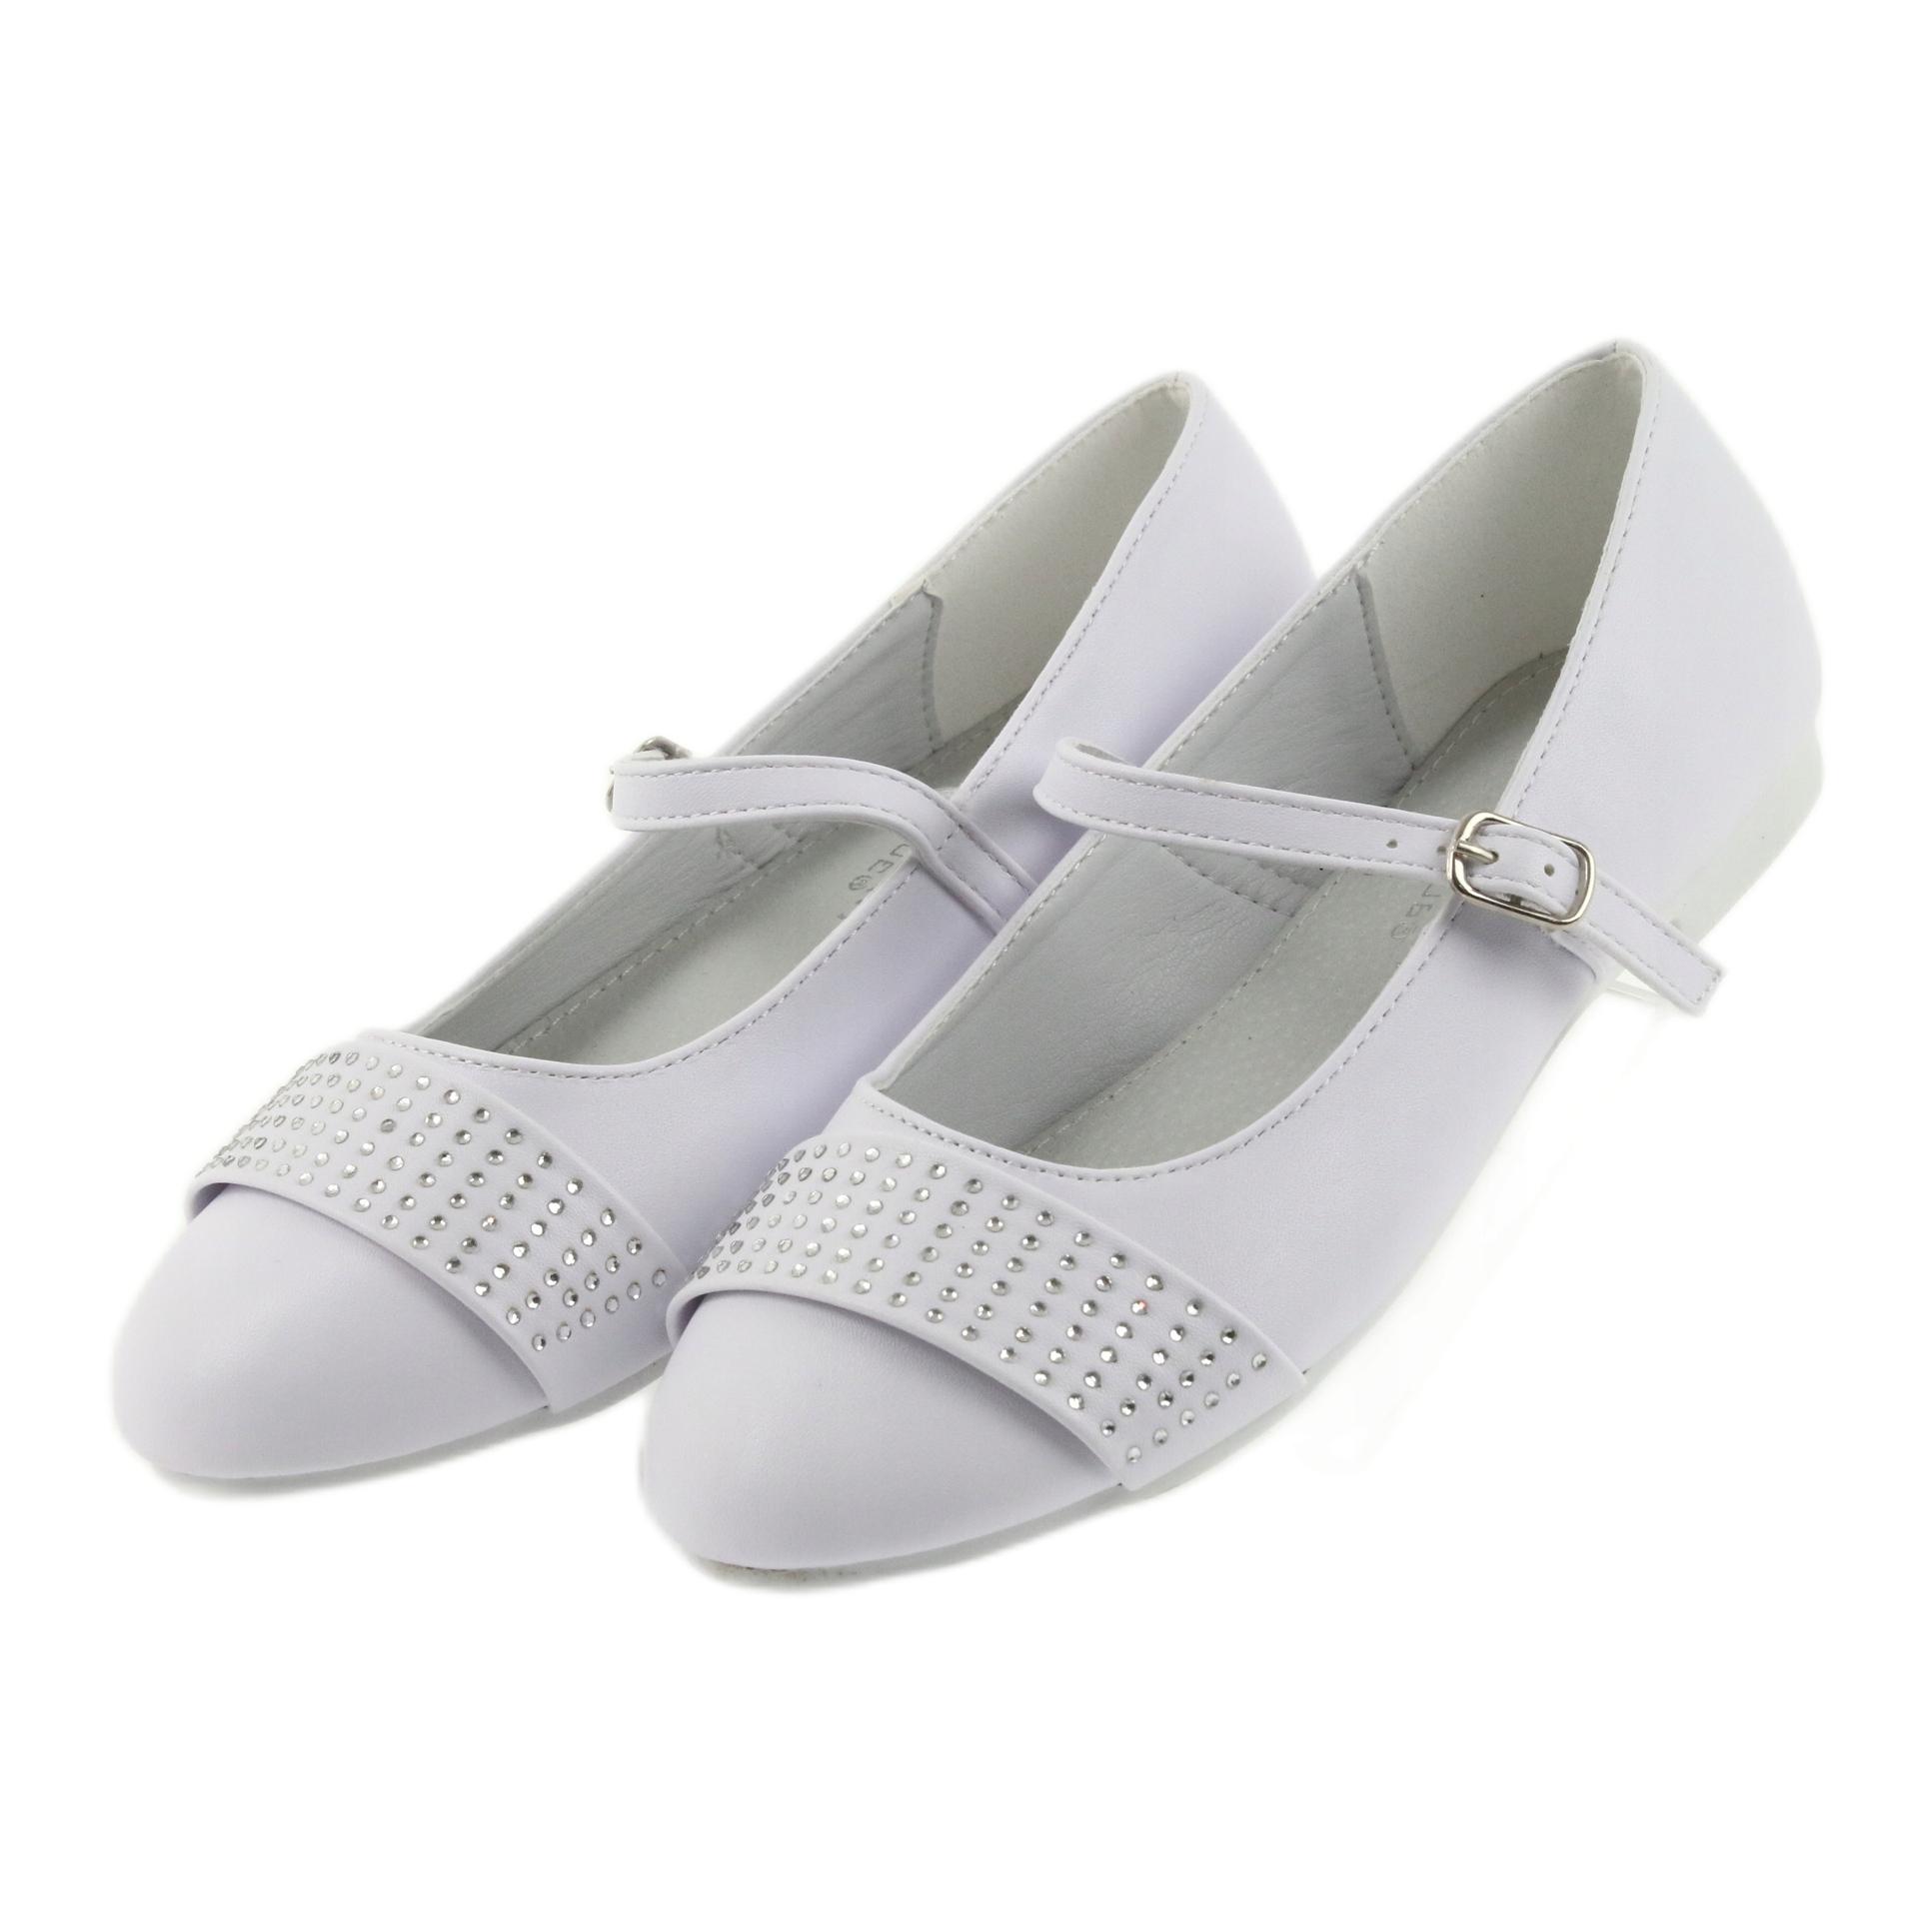 miniatura 5 - Pompe scarpe per bambini Comunione Ballerine strass American Club 11/19 bianco